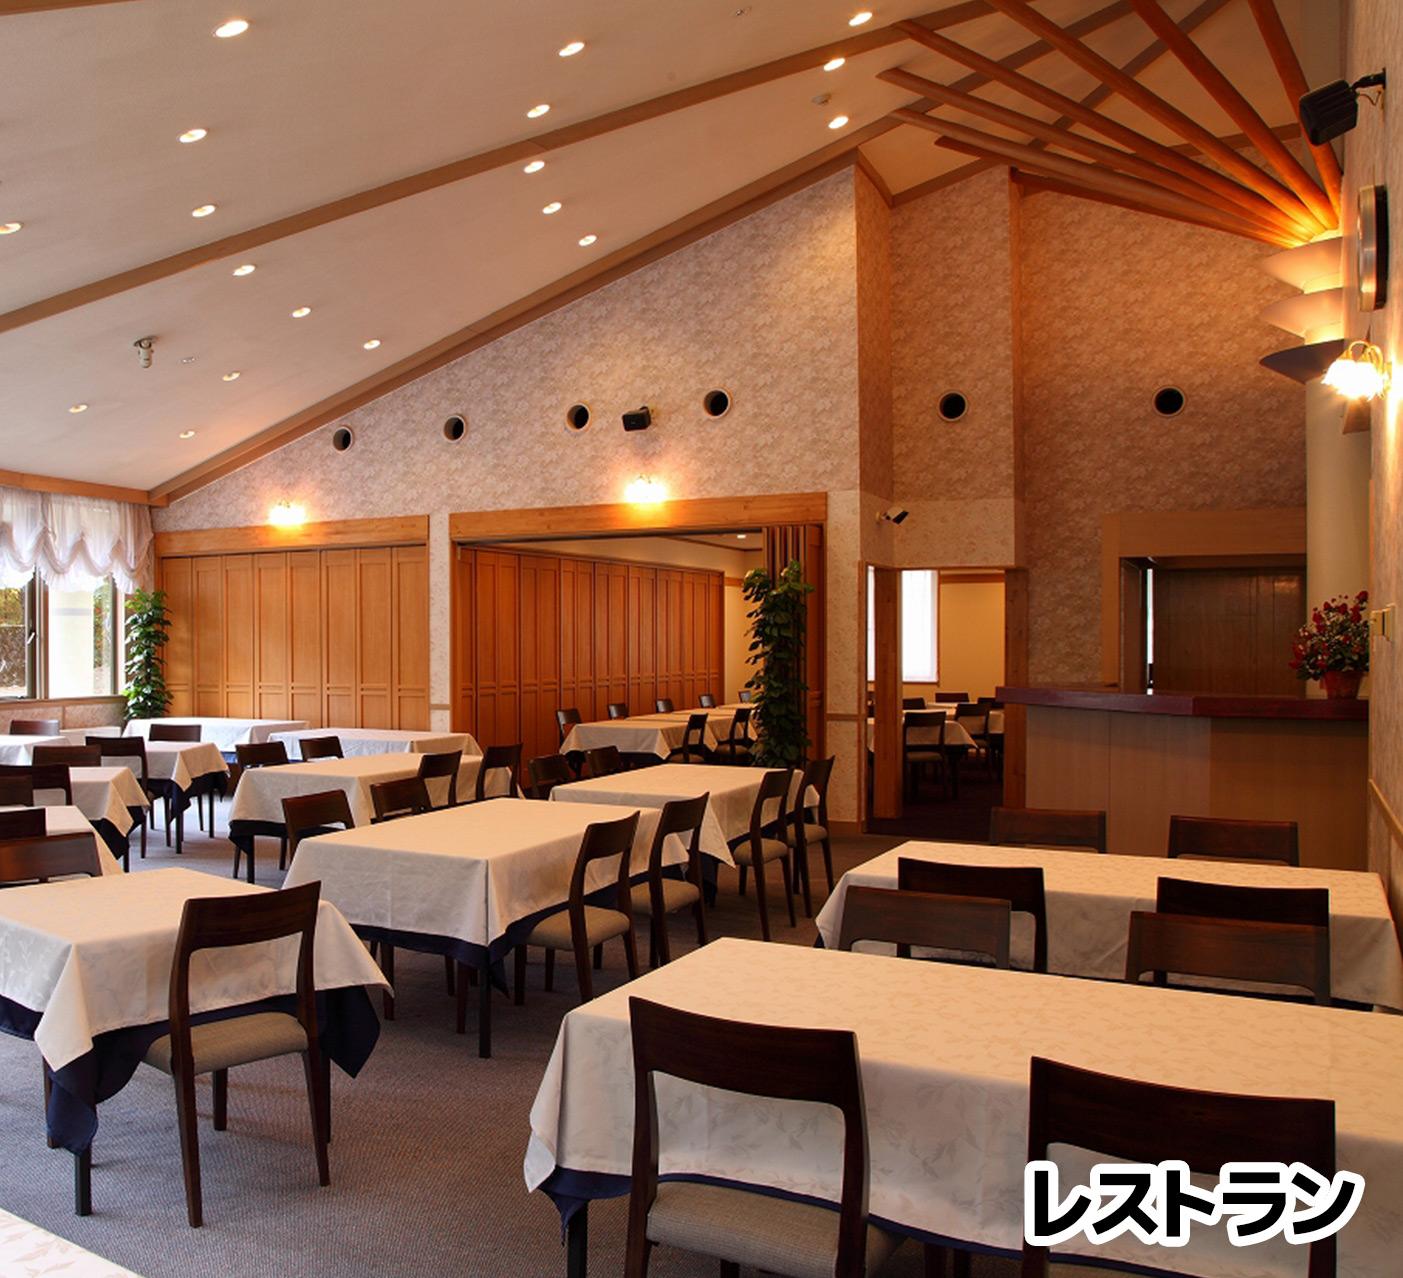 ホテル オークフォレスト レストラン